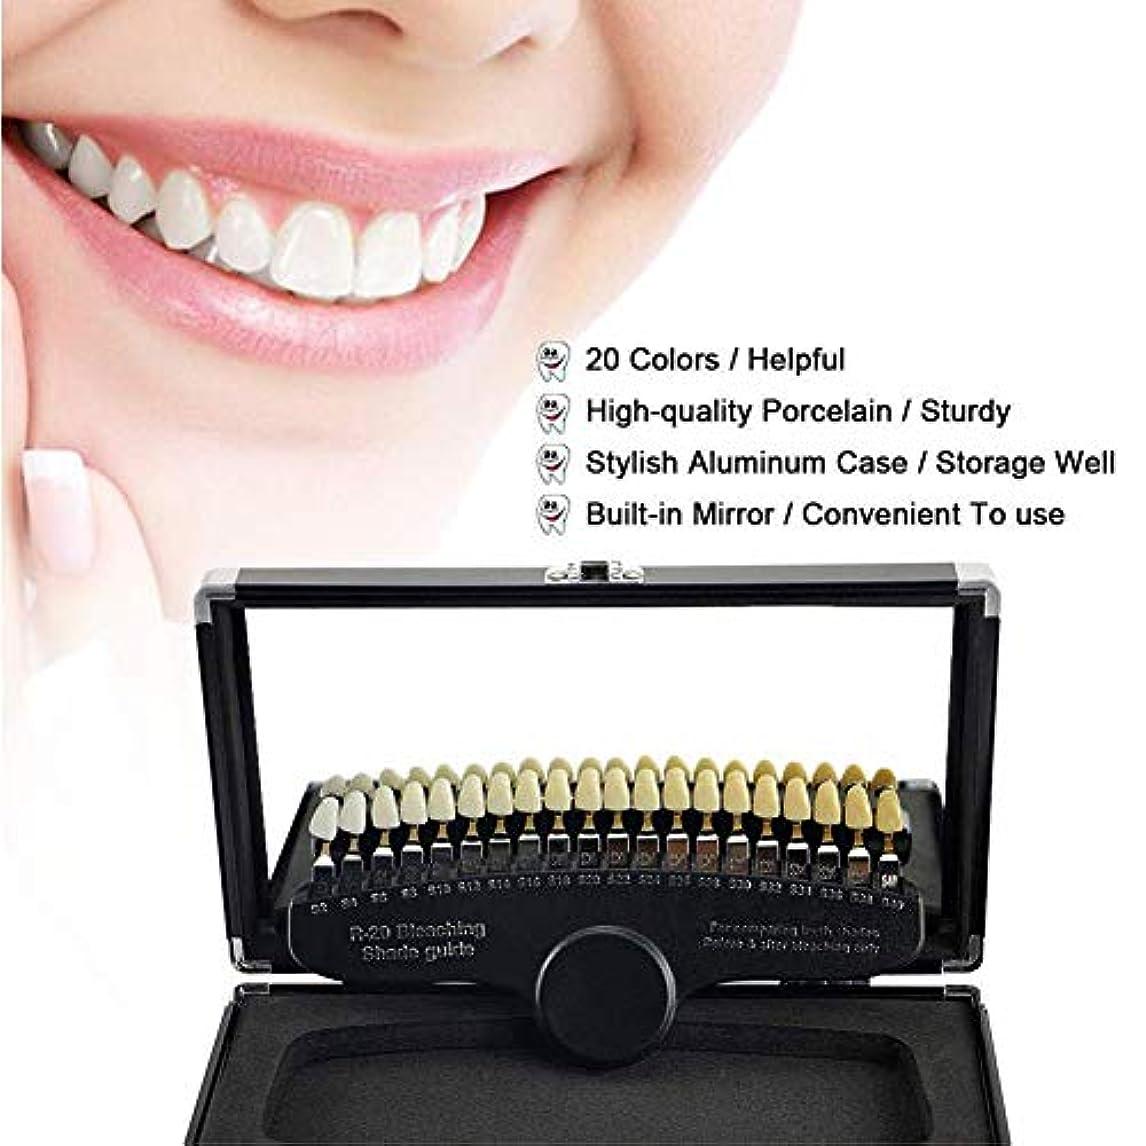 異形聖域習慣ミラー付き歯科用歯のホワイトニングカラーパレット、コントラスト20色の真の歯の形状の前後の冷光ホワイトニング、プロの歯のホワイトニング、クリーニング、修復用